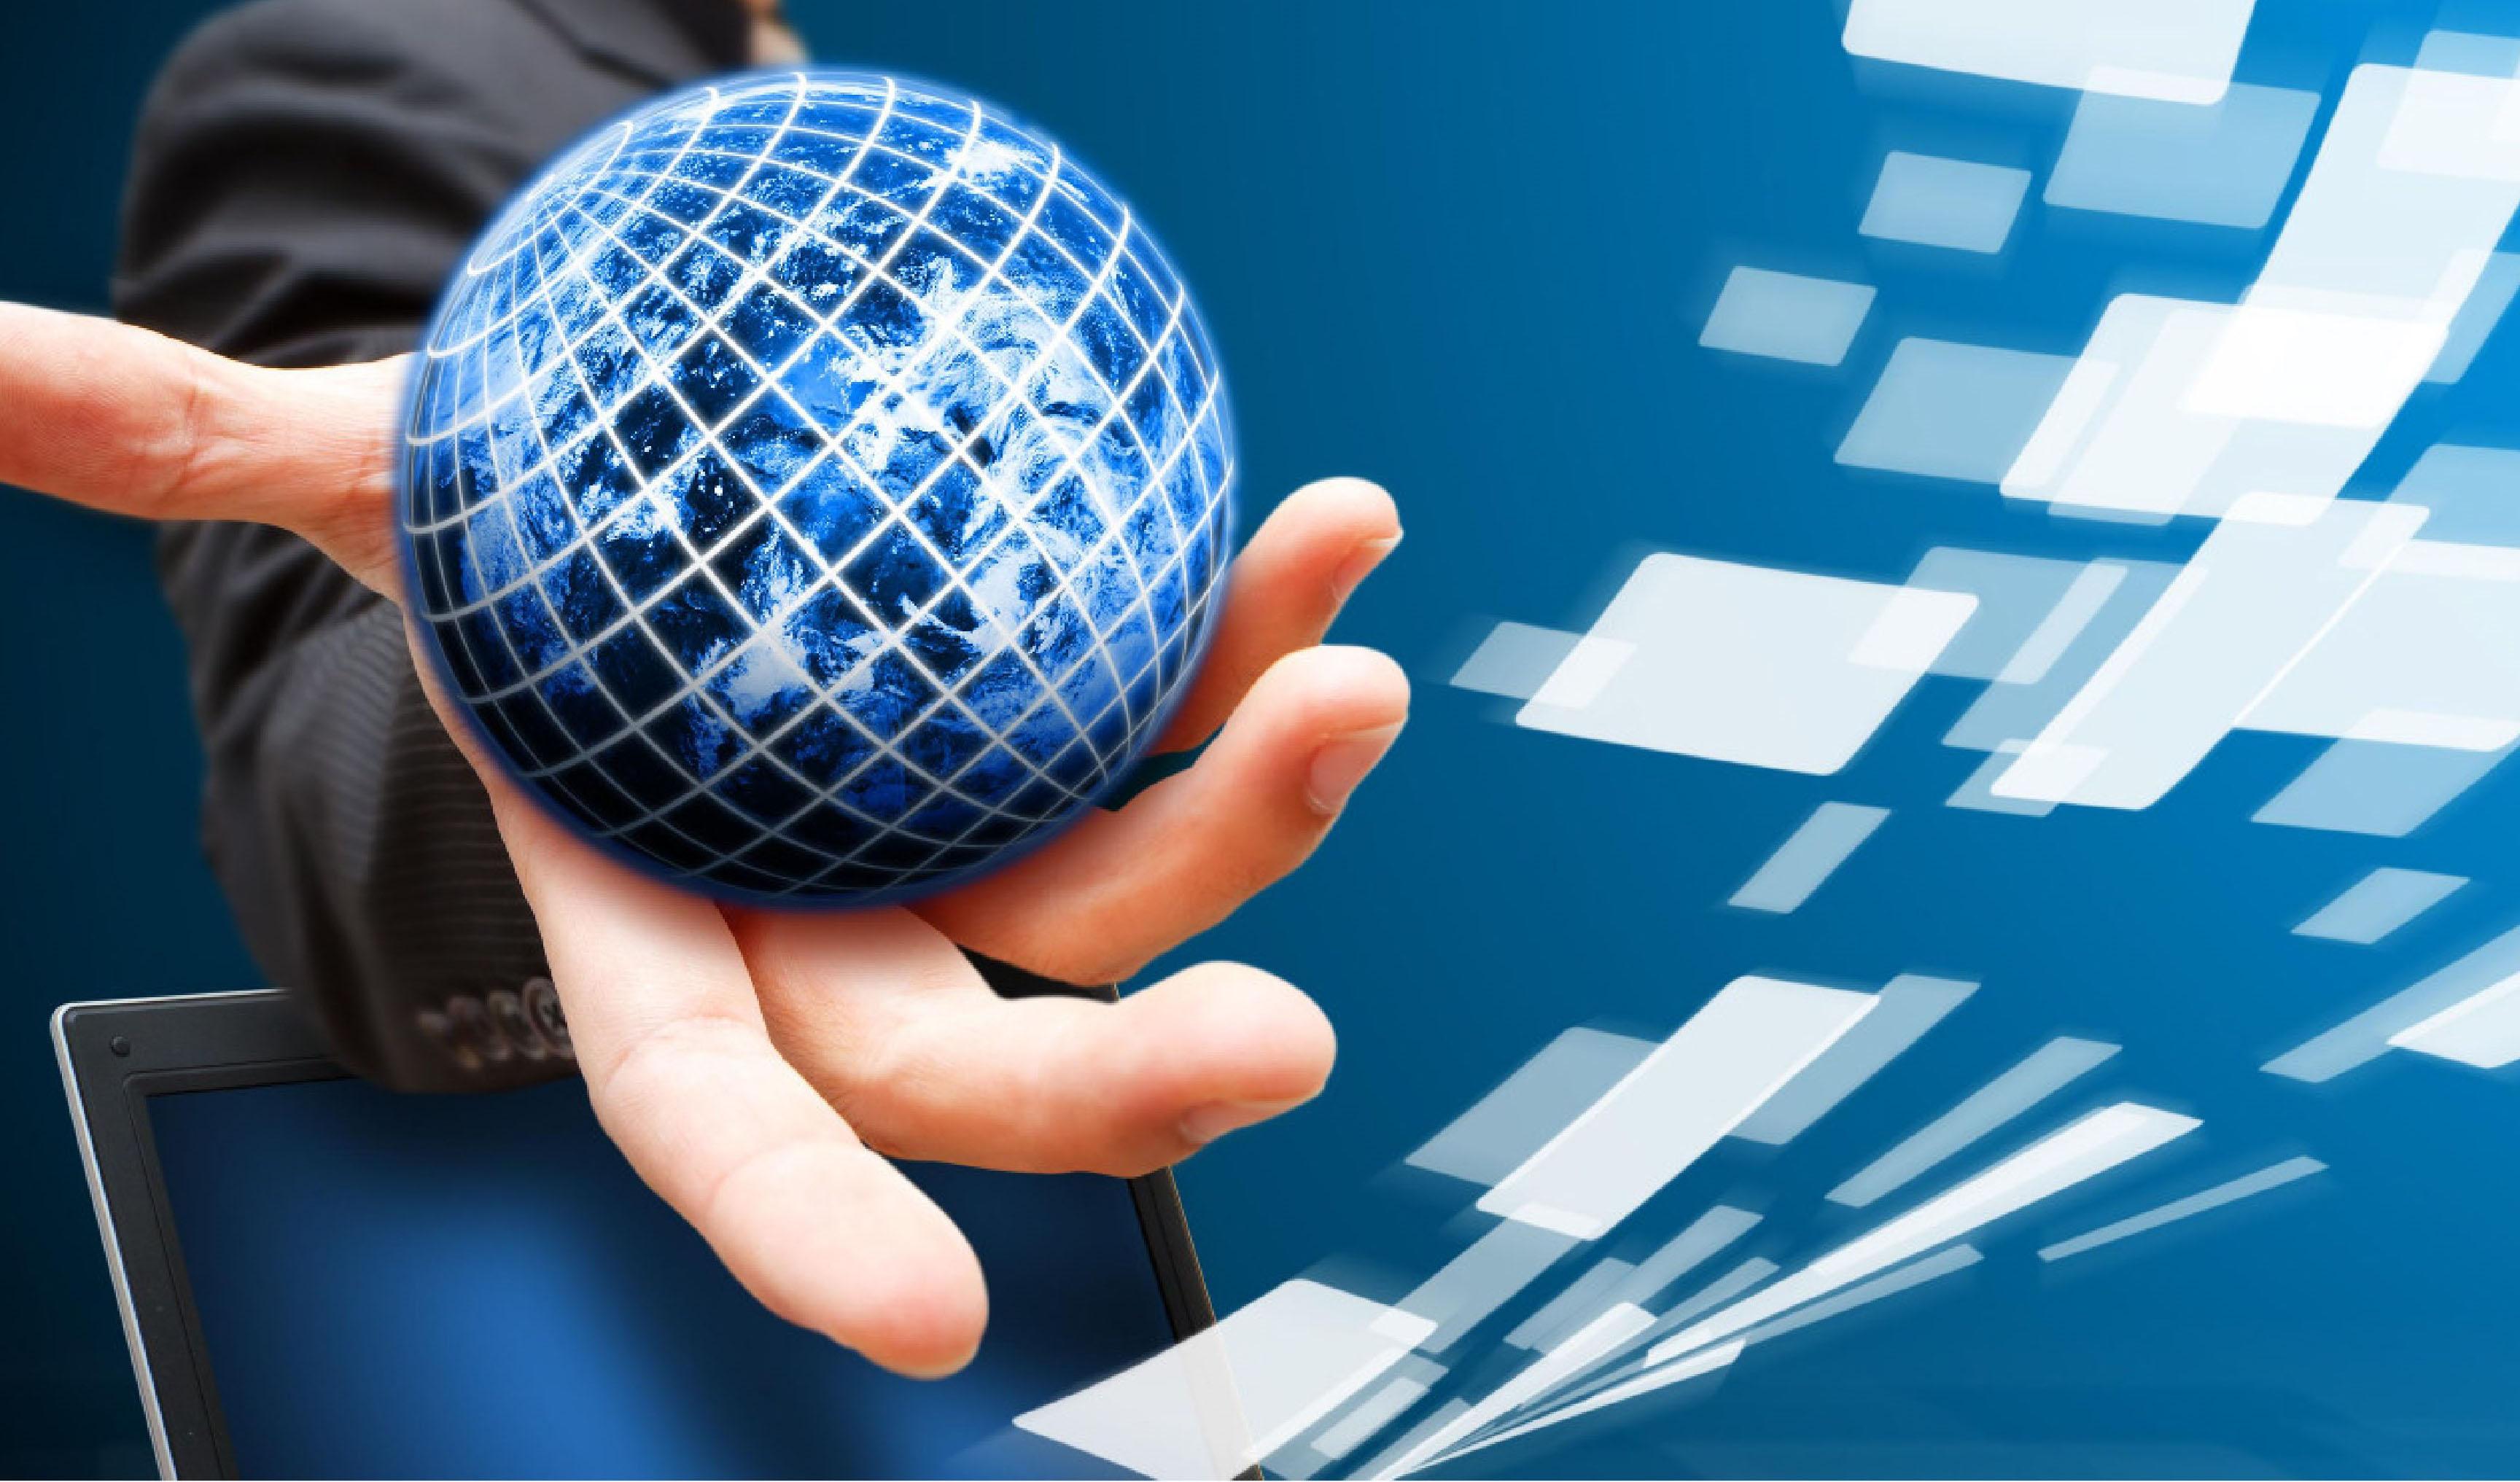 اقتصاد در تله فناوری اطلاعات